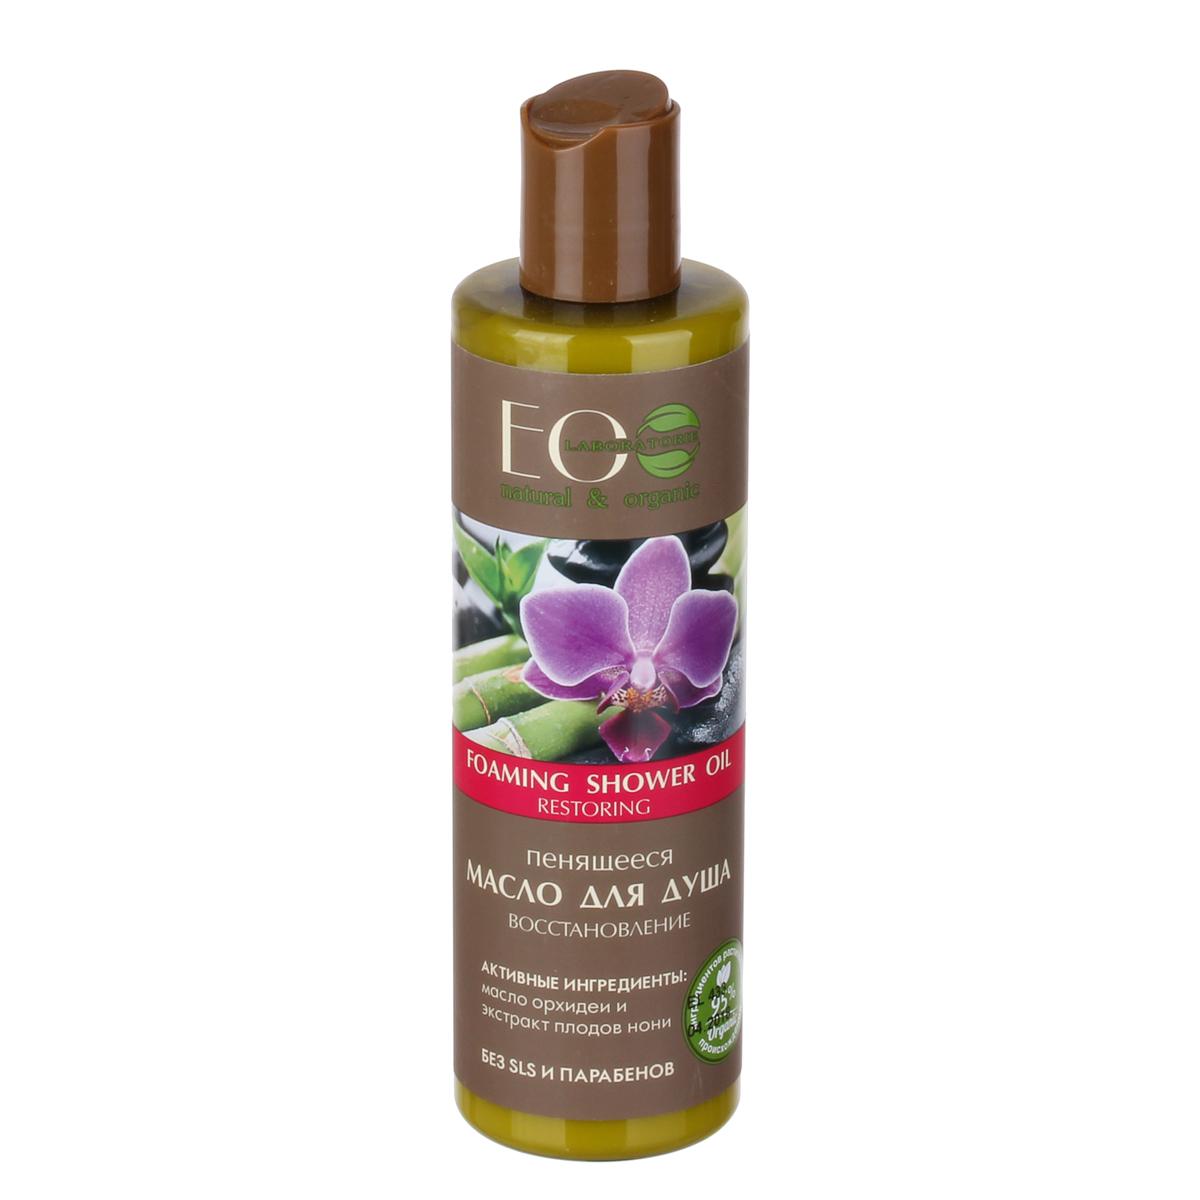 EcoLab ЭкоЛаб Масло пенящееся для душа Восстановление 250 мл4627089430724Великолепно очищает, питает и увлажняет кожу. Оказывает питательное и тонизирующеее действие на клетки кожи, побуждая их к процессу регенерации.Активные ингредиенты: масло орхидеи и экстракт плодов нони